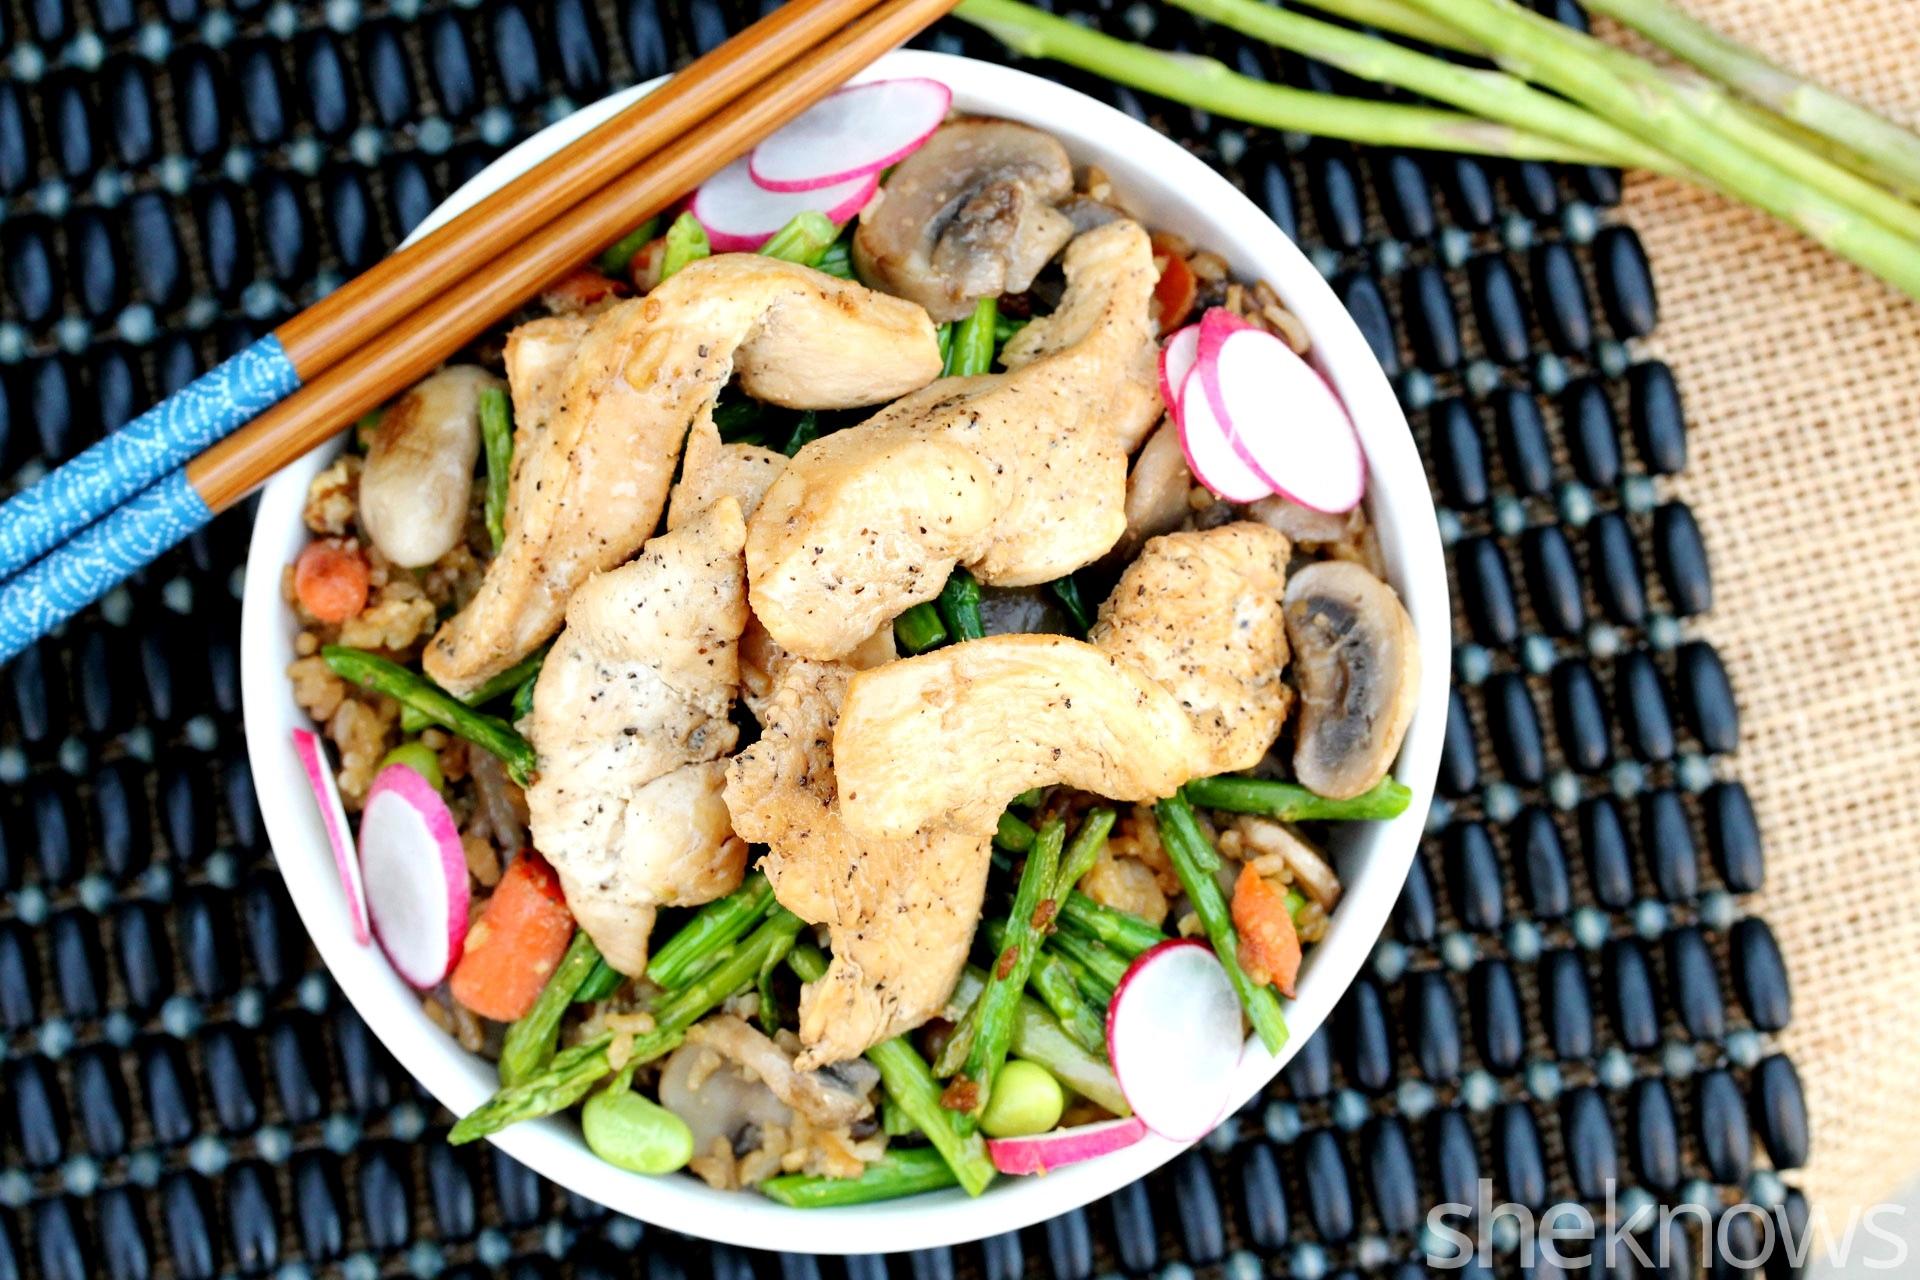 2 stir fried rice with chicken